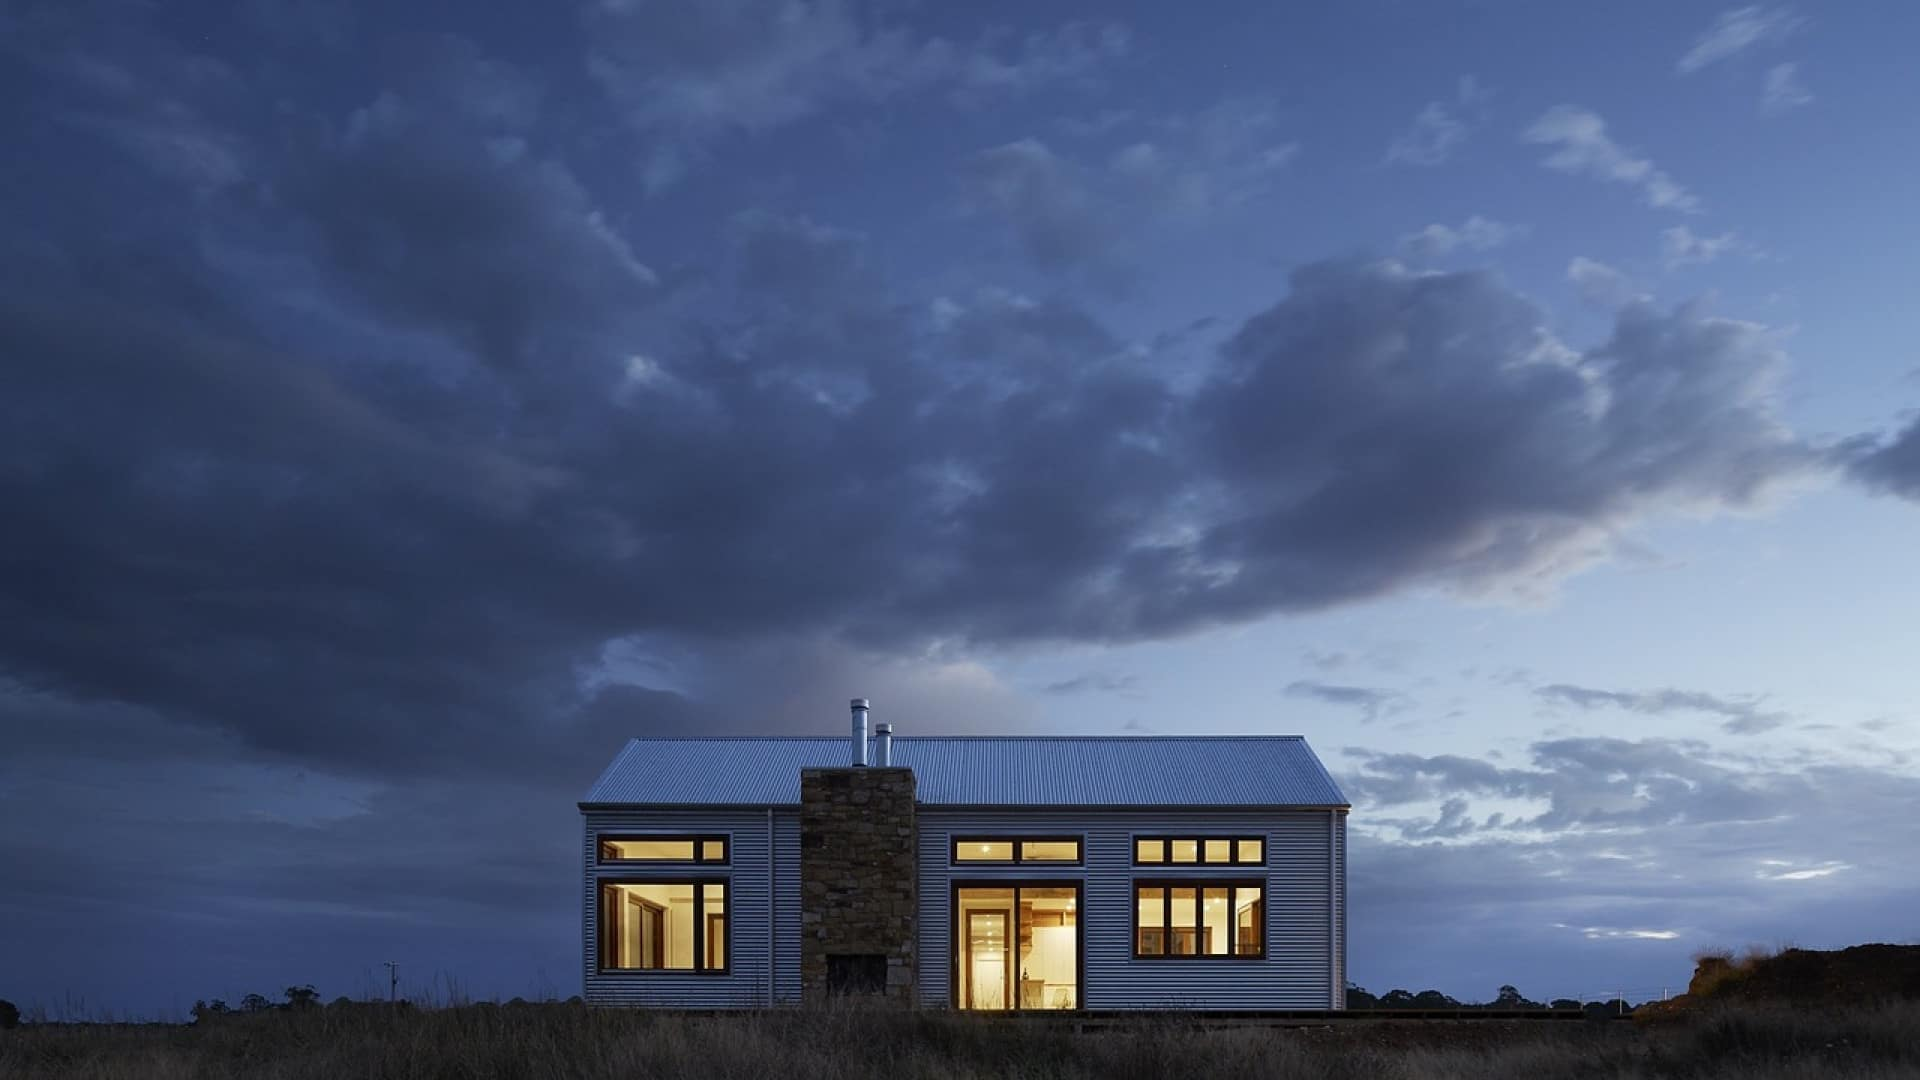 Pourquoi faire le choix de faire construire une maison passive en bois massif ?